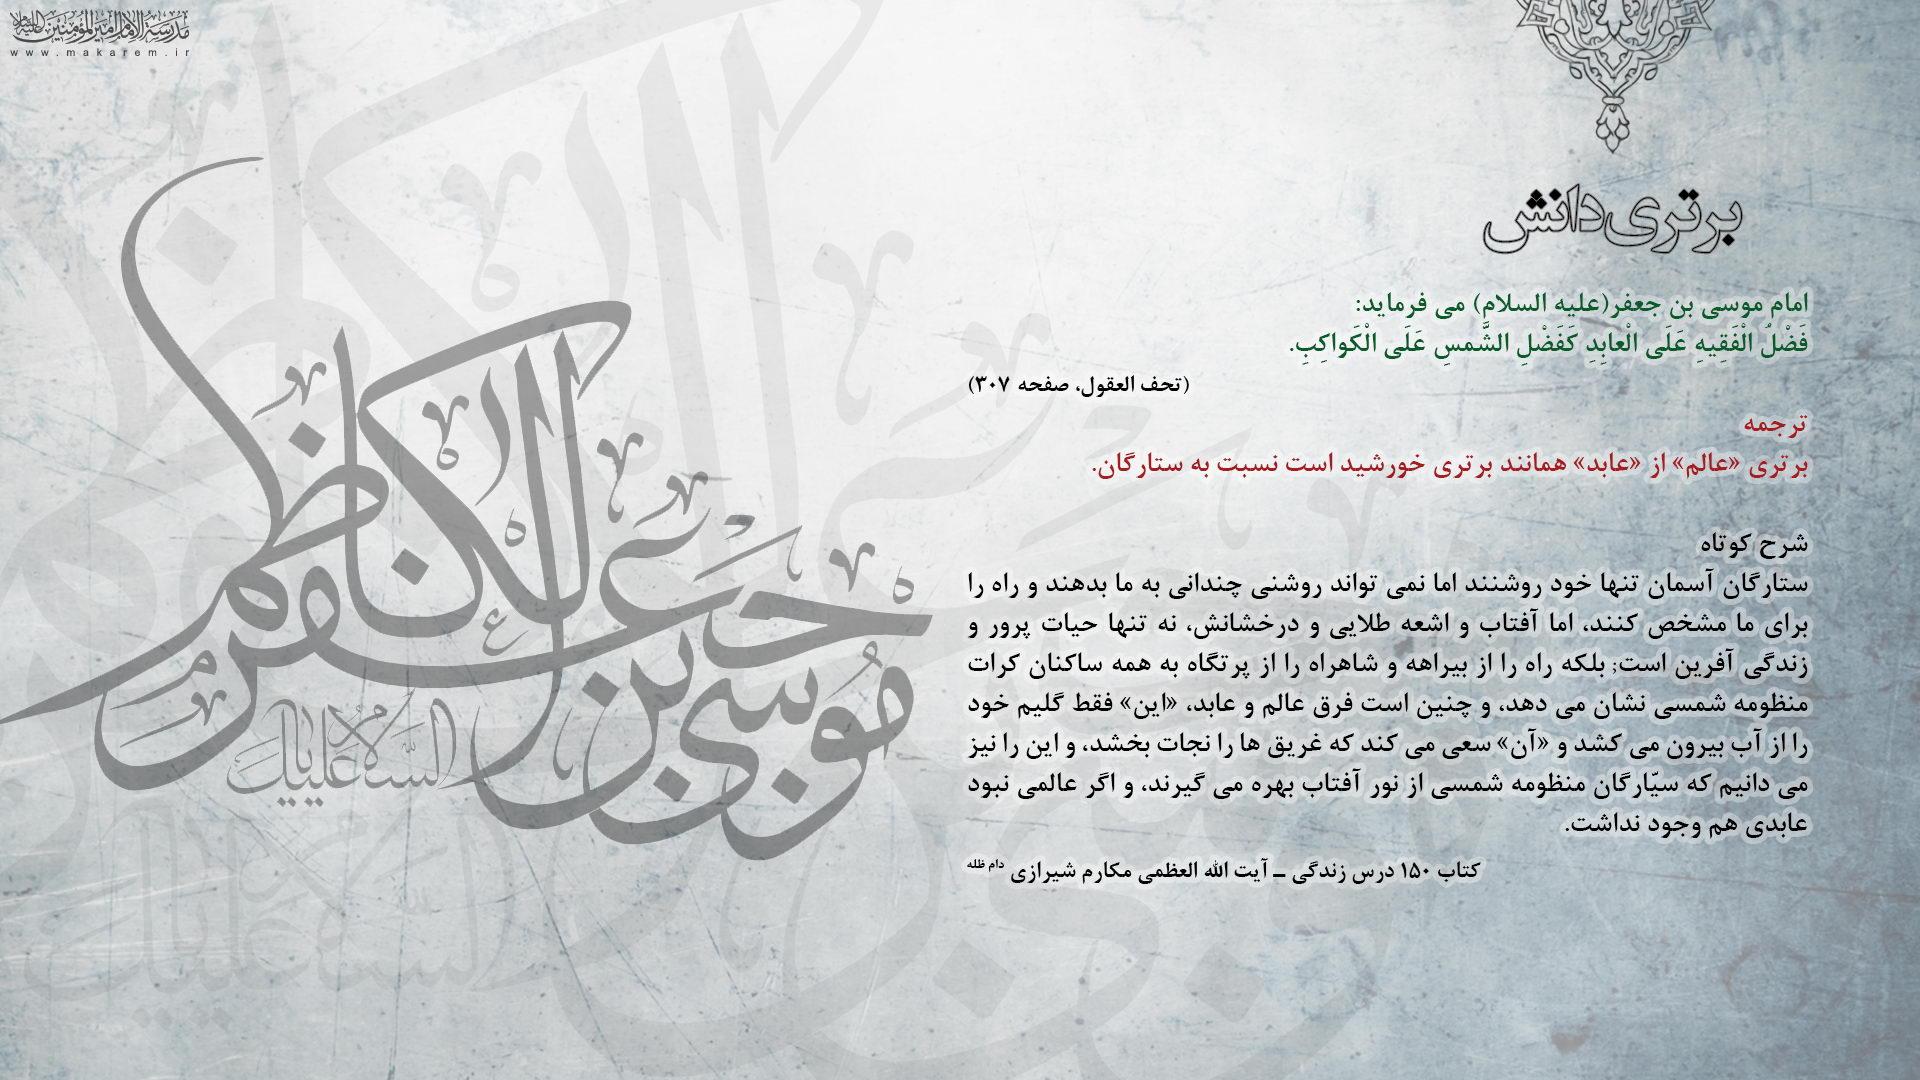 برتری دانش-مدرسه الامام امیر المومنین (ع)